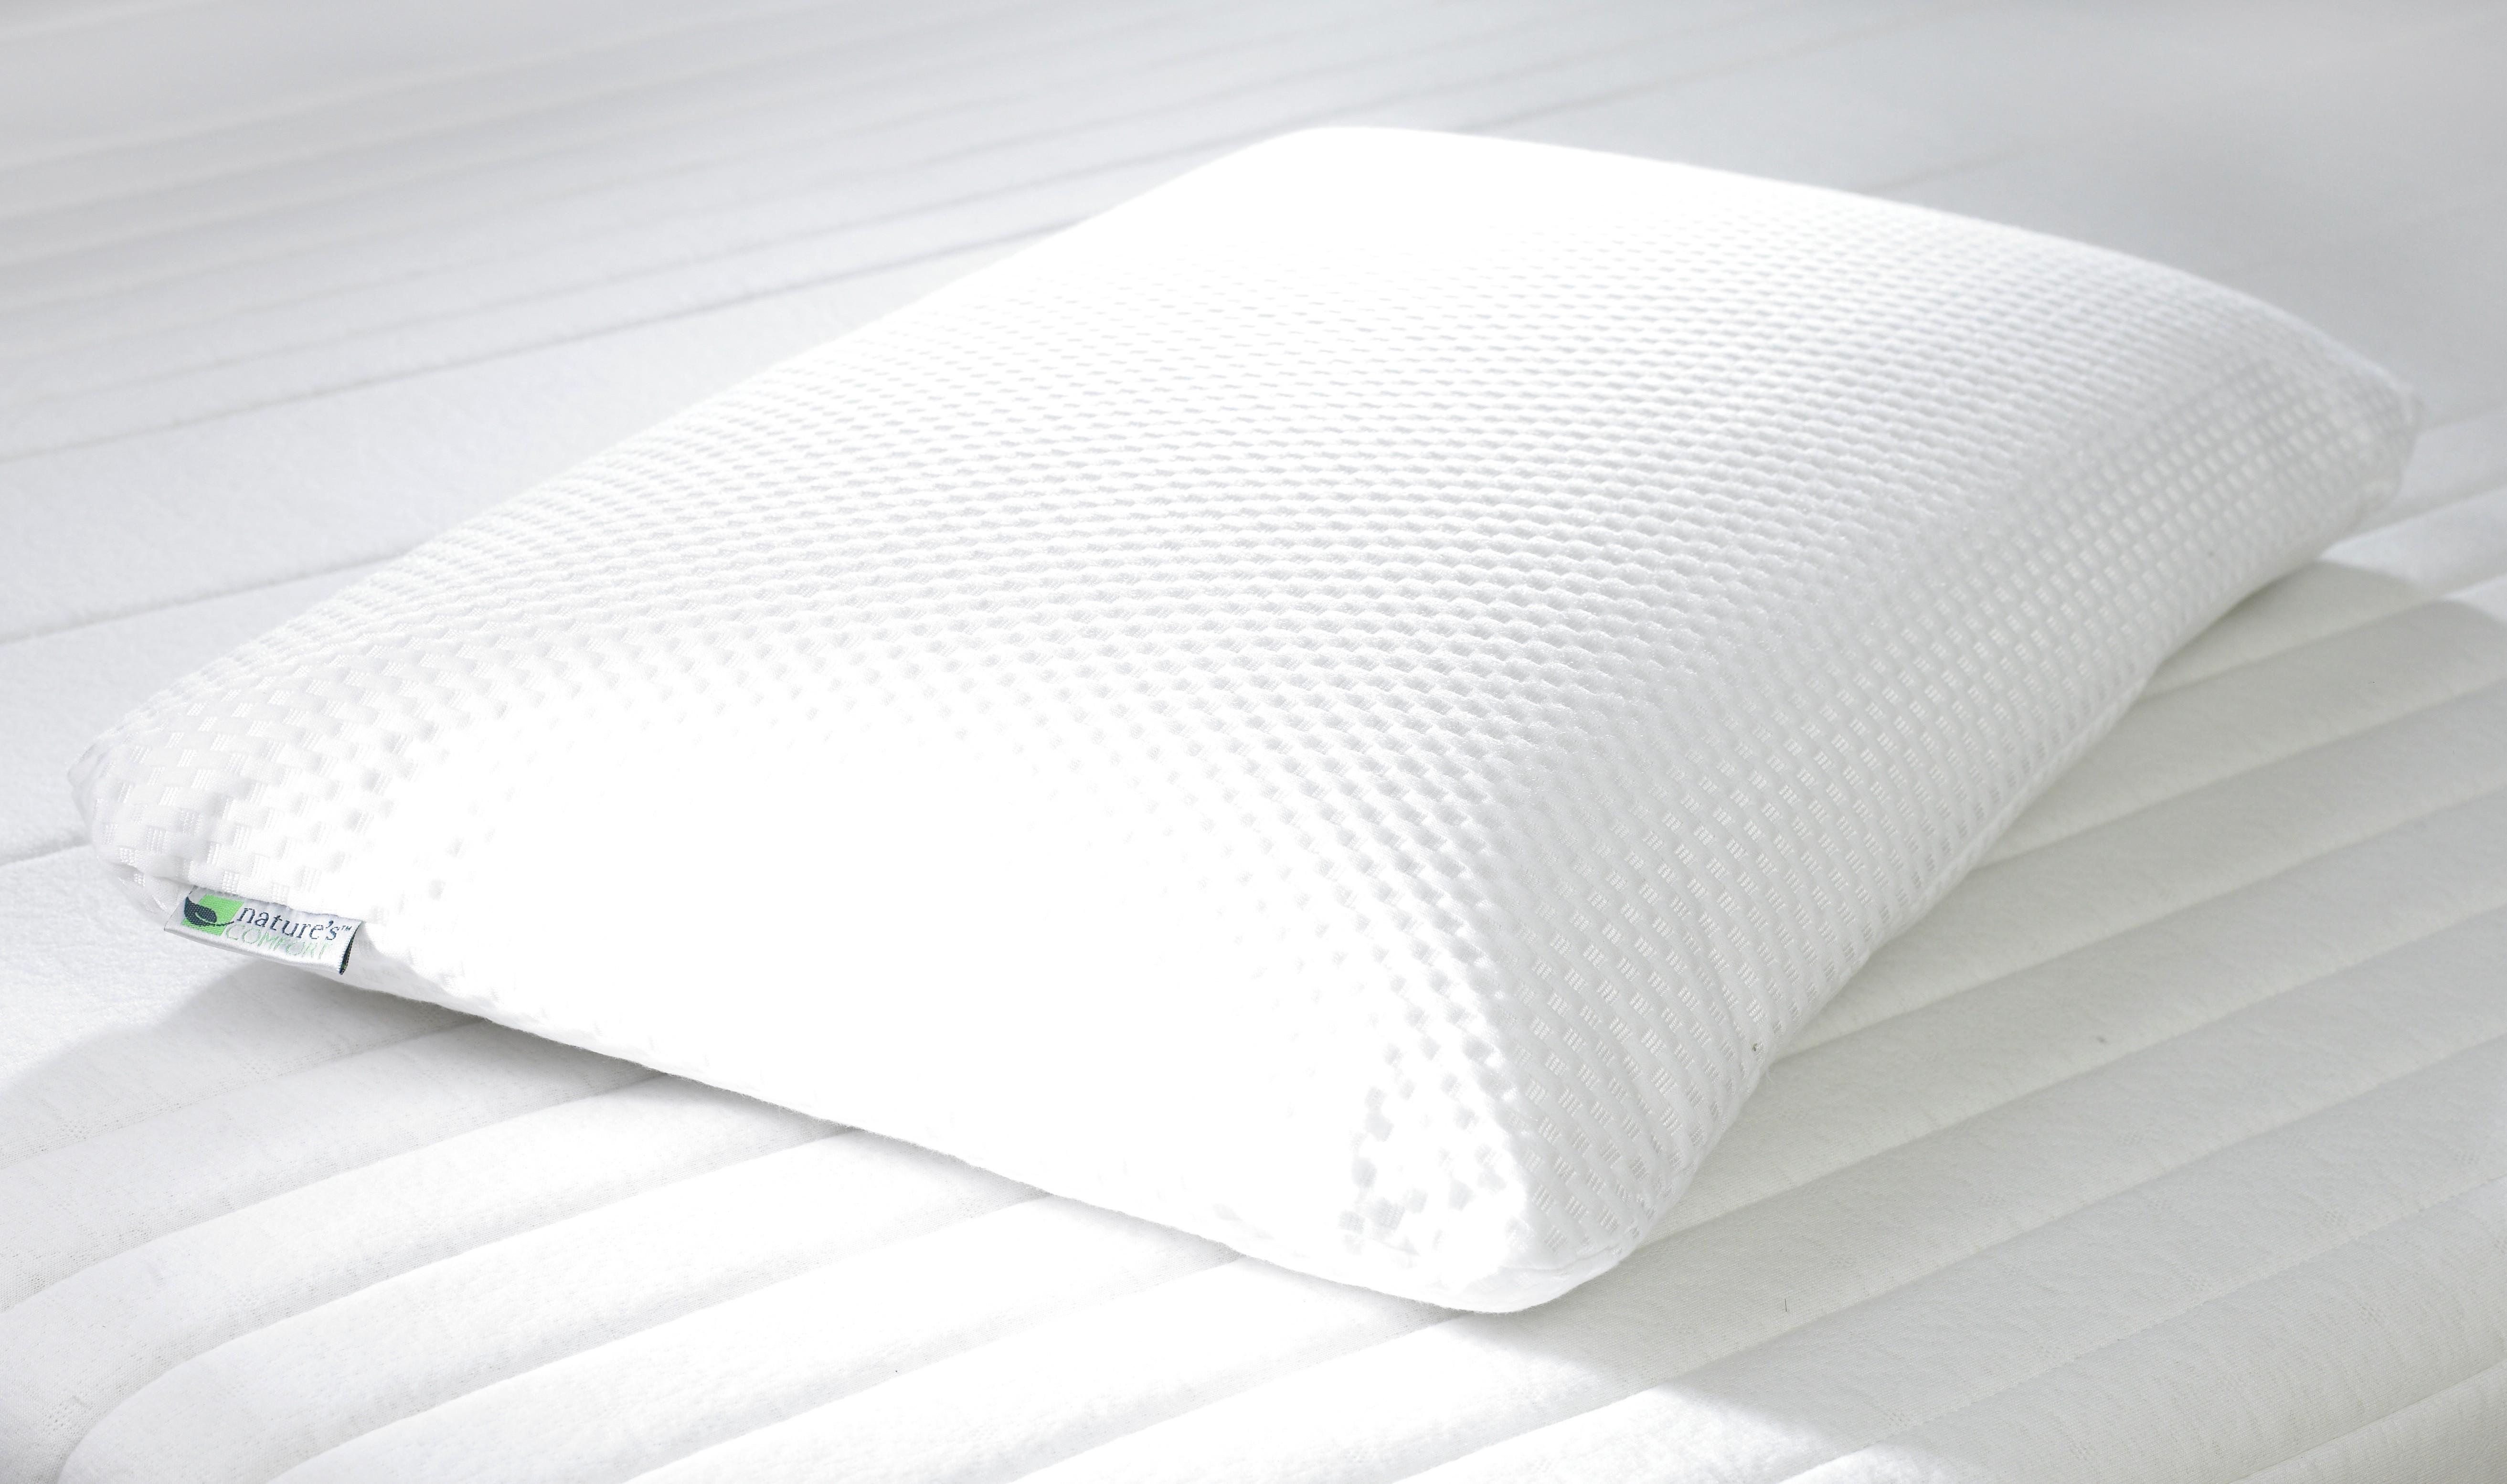 Anatomic sleeping pillow